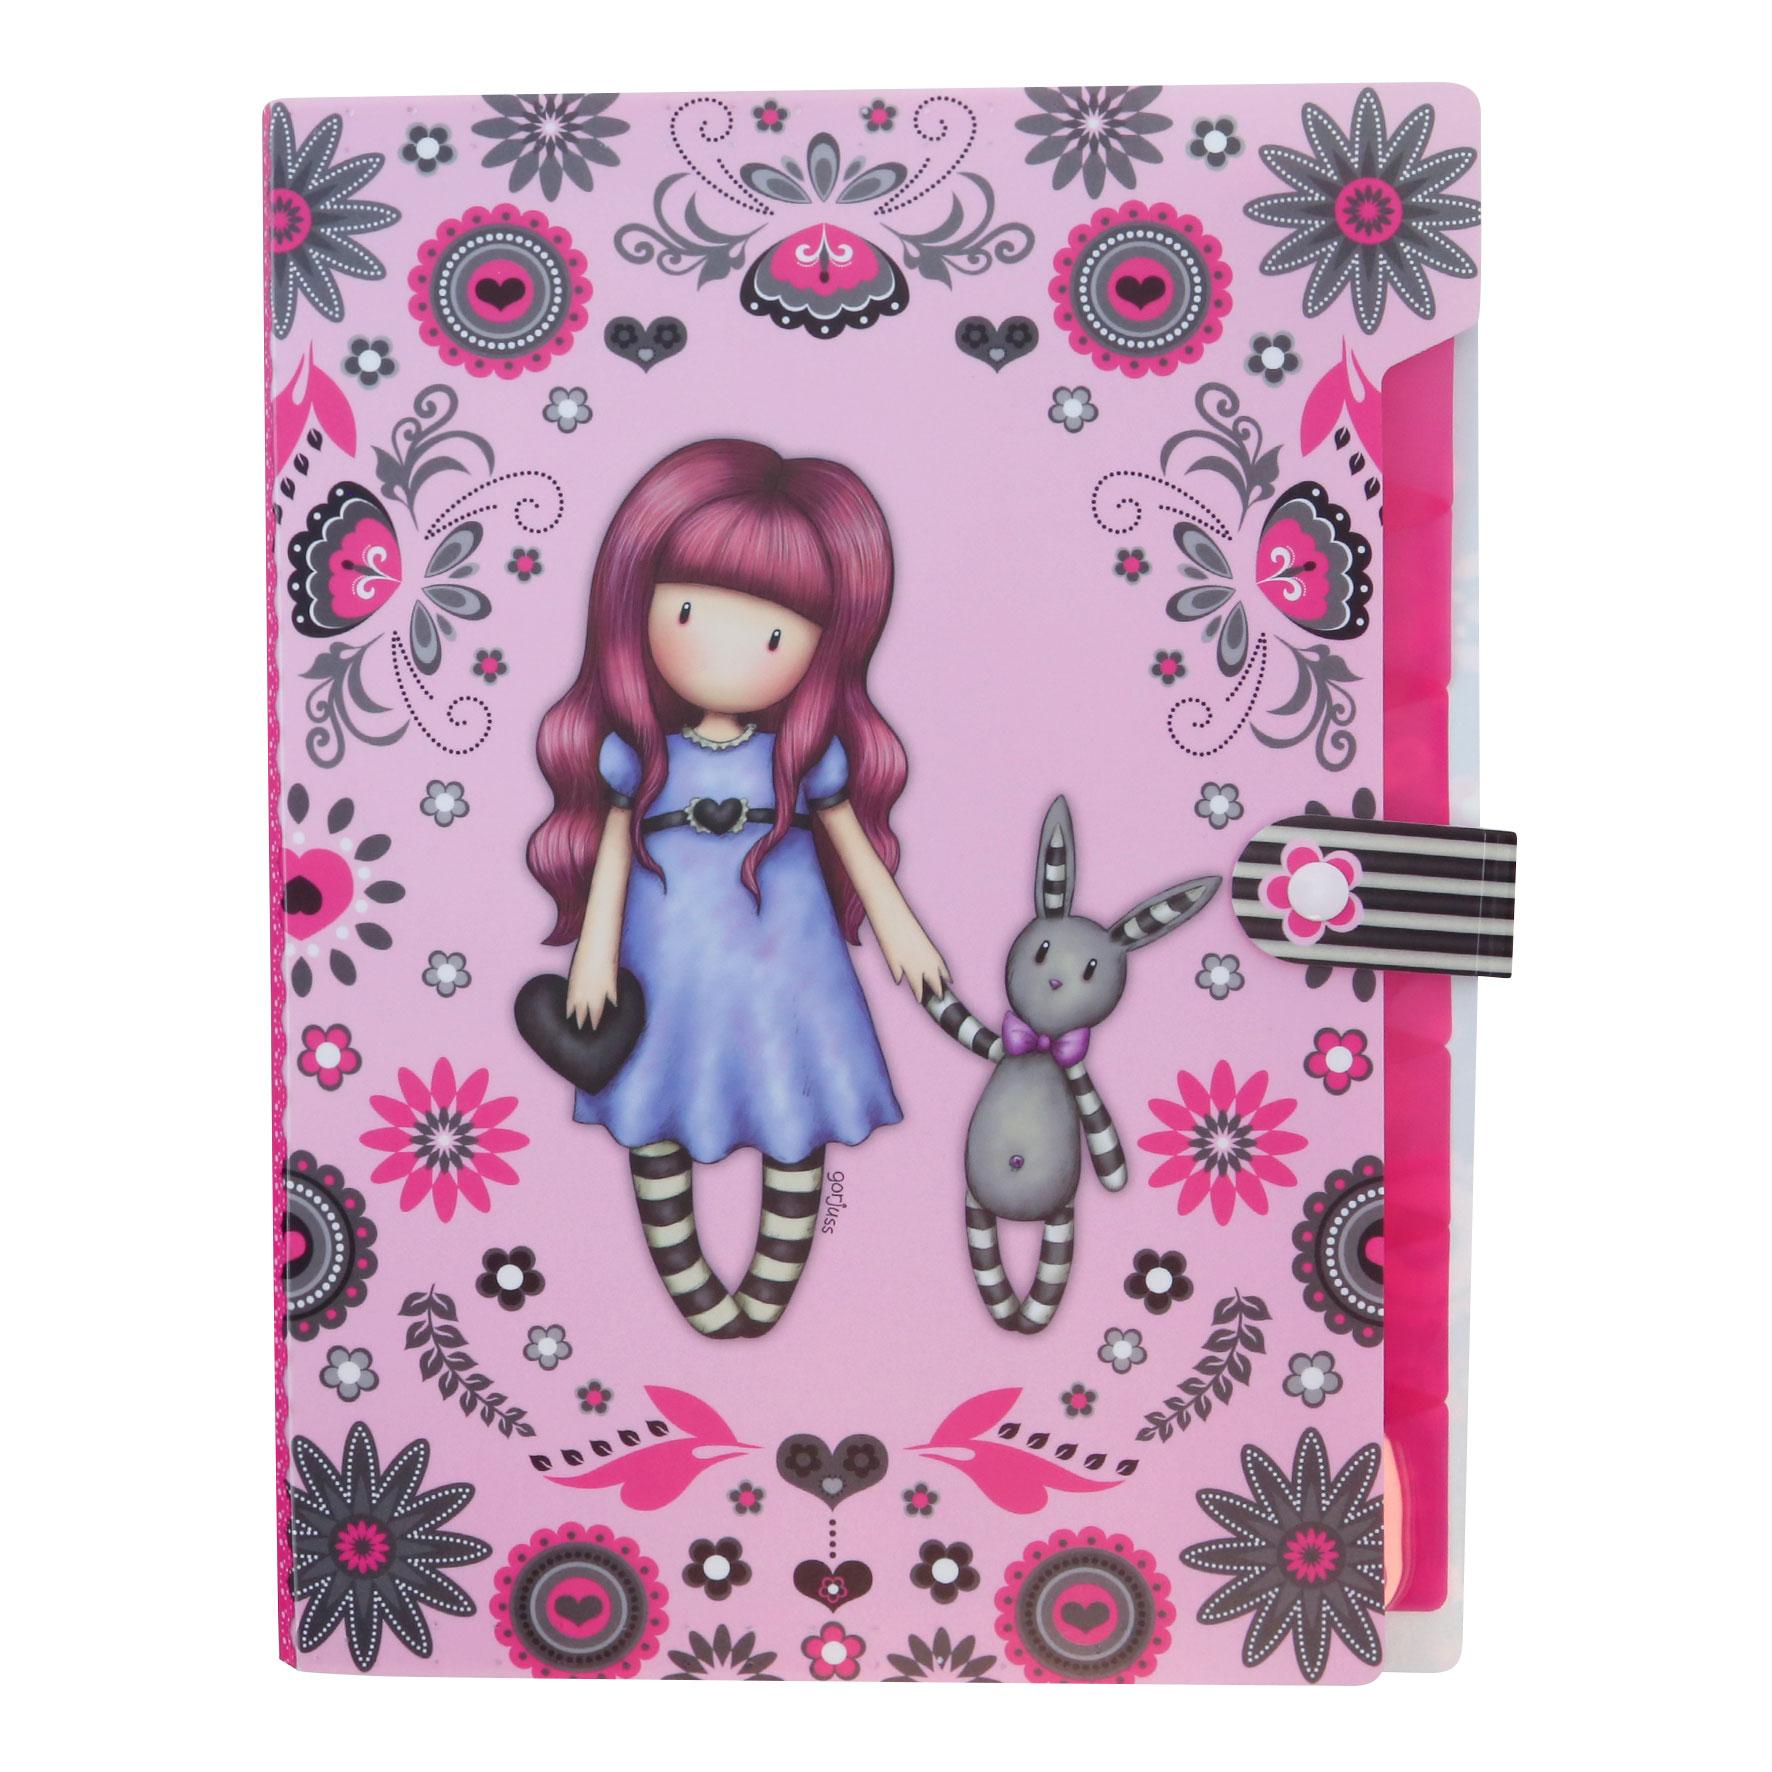 Santoro London - Desky A4 - Gorjuss Fiesta - My Gift To You Růžová, fialová, tyrkysová